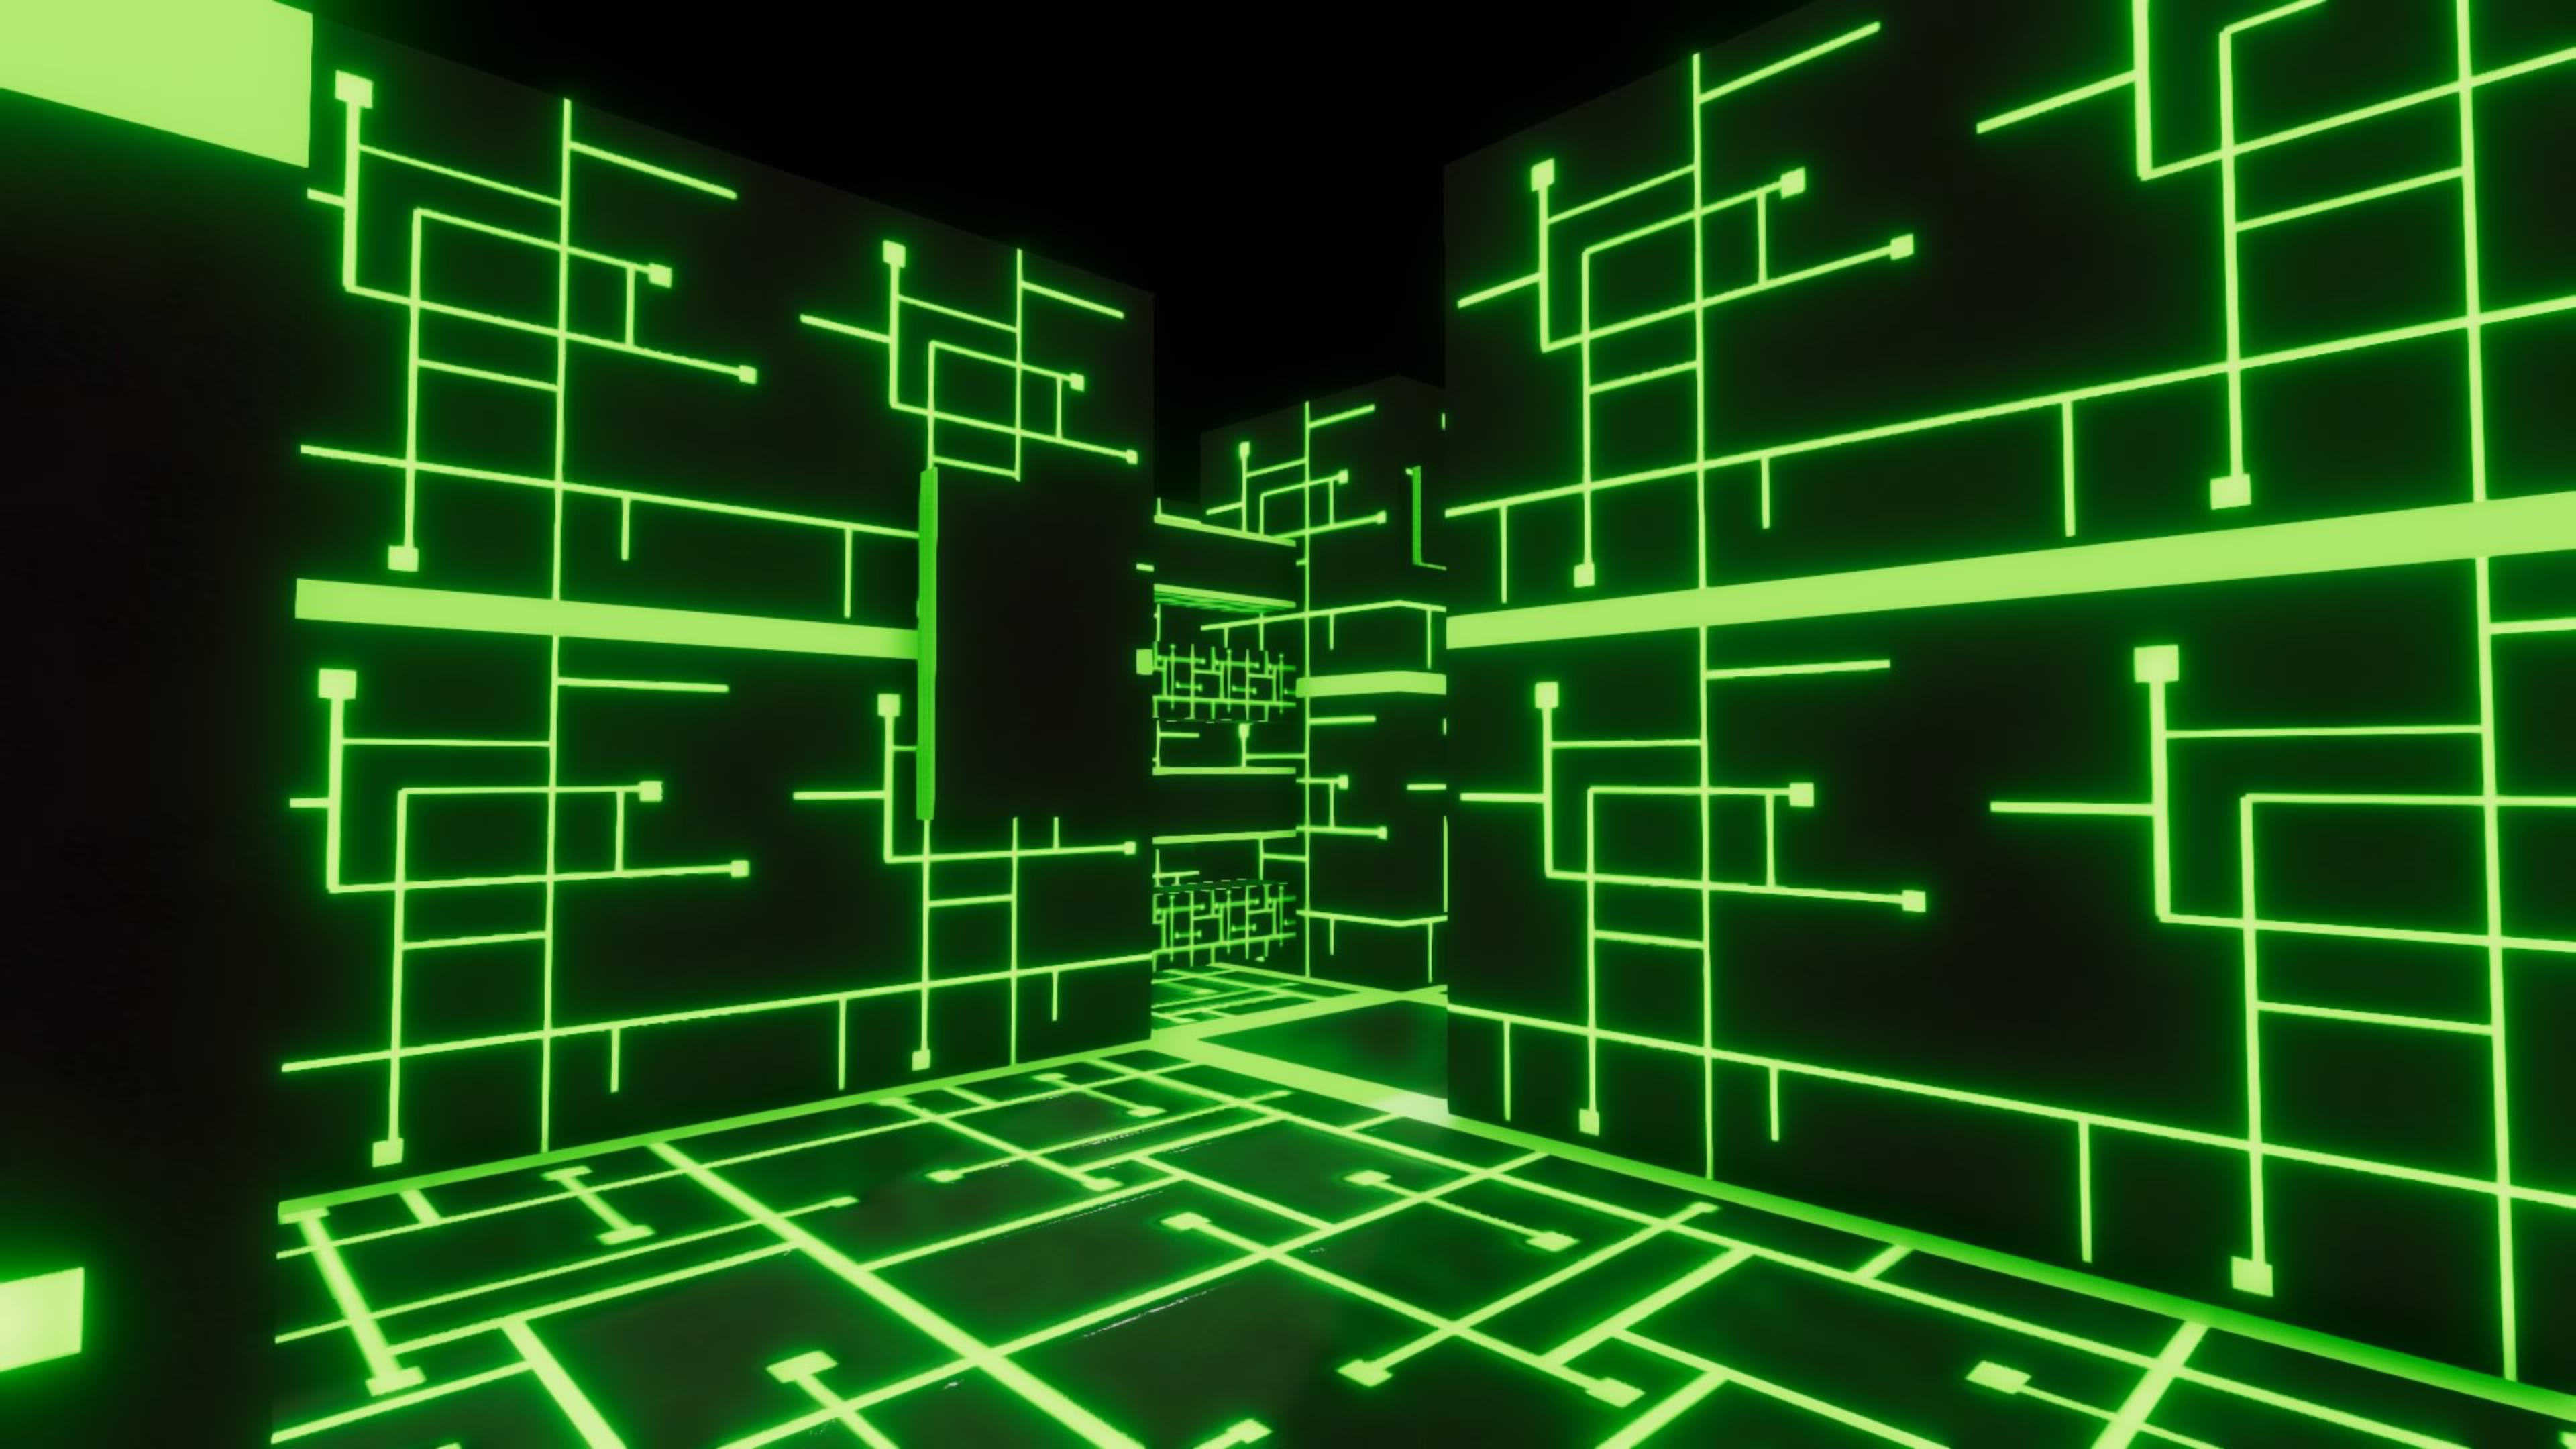 Скриншот №3 к Maze Pedestal of Trials